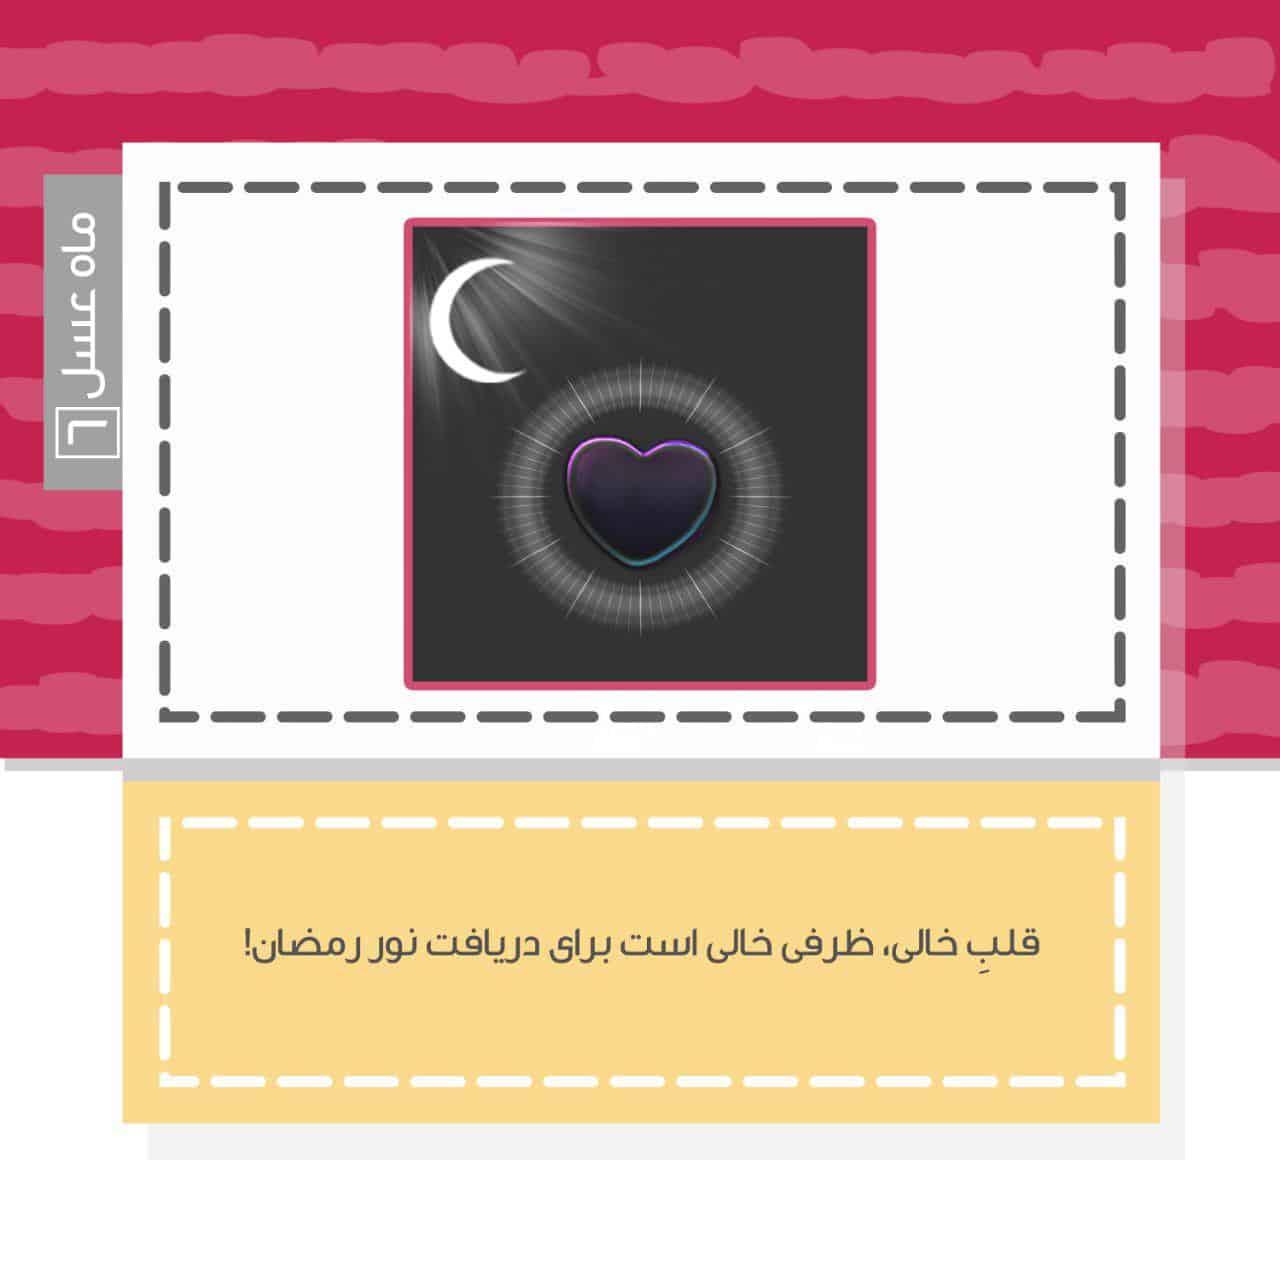 ramazan sound shojaee 6 - دانلود سخنرانی ماه رمضان استاد شجاعی